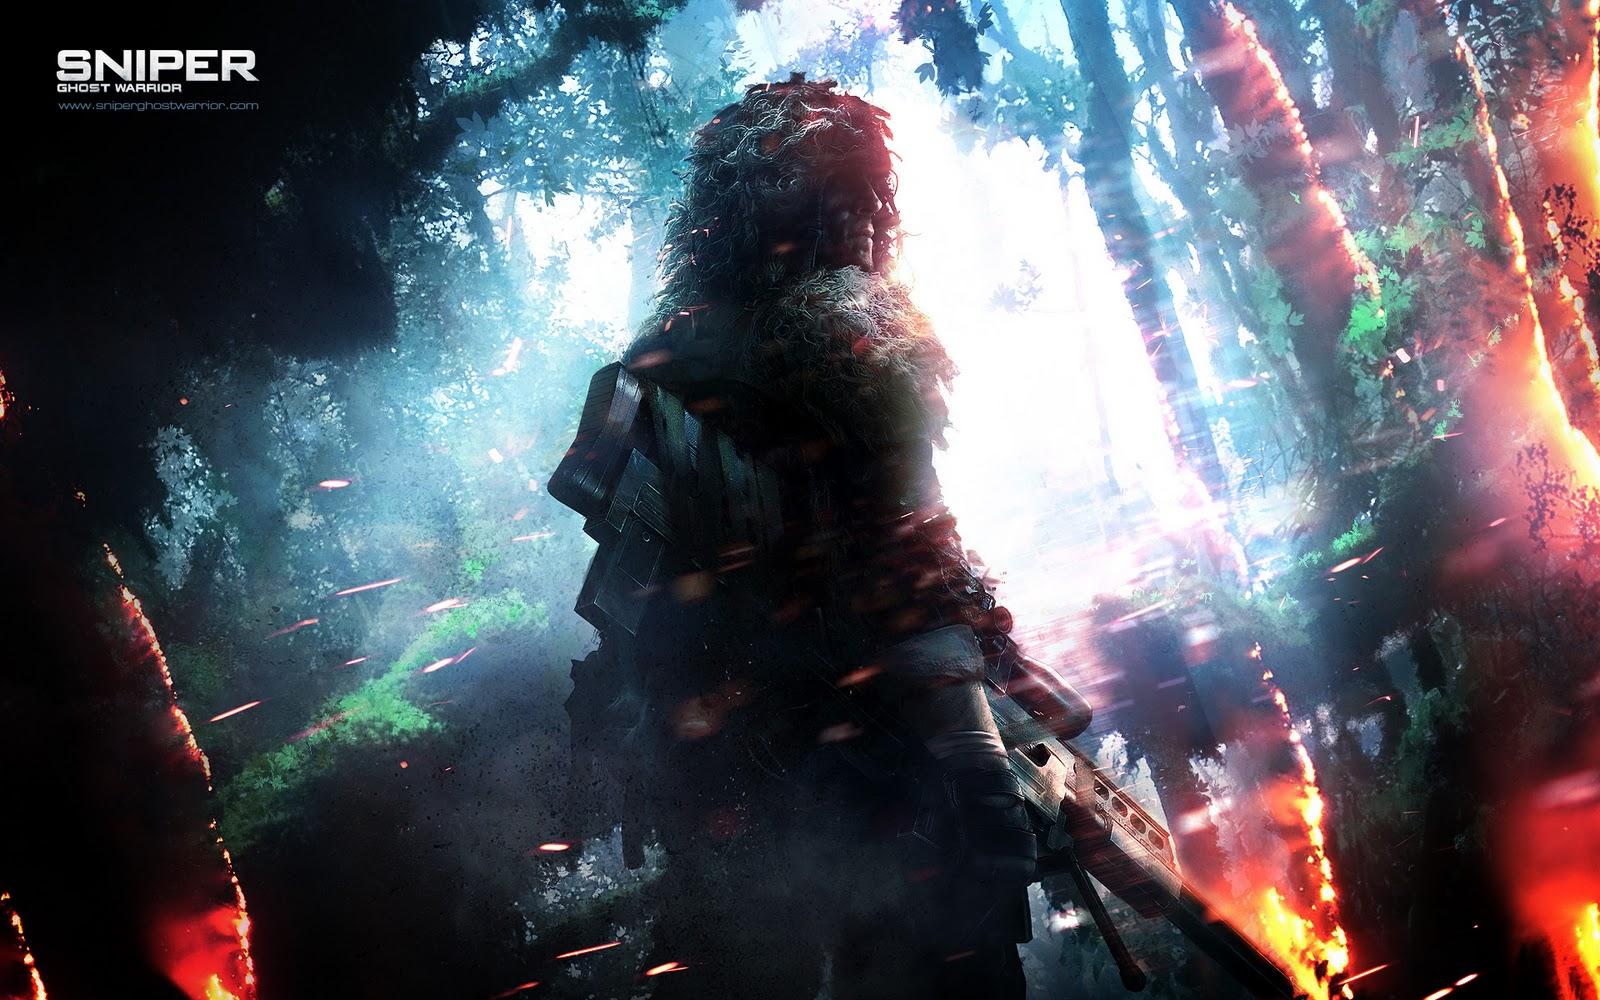 http://4.bp.blogspot.com/-EO2nh2v12gI/TpXsbSvlthI/AAAAAAAAEbE/lGLg2zsFTOU/s1600/sniper_ghost_warrior_2-wide.jpg